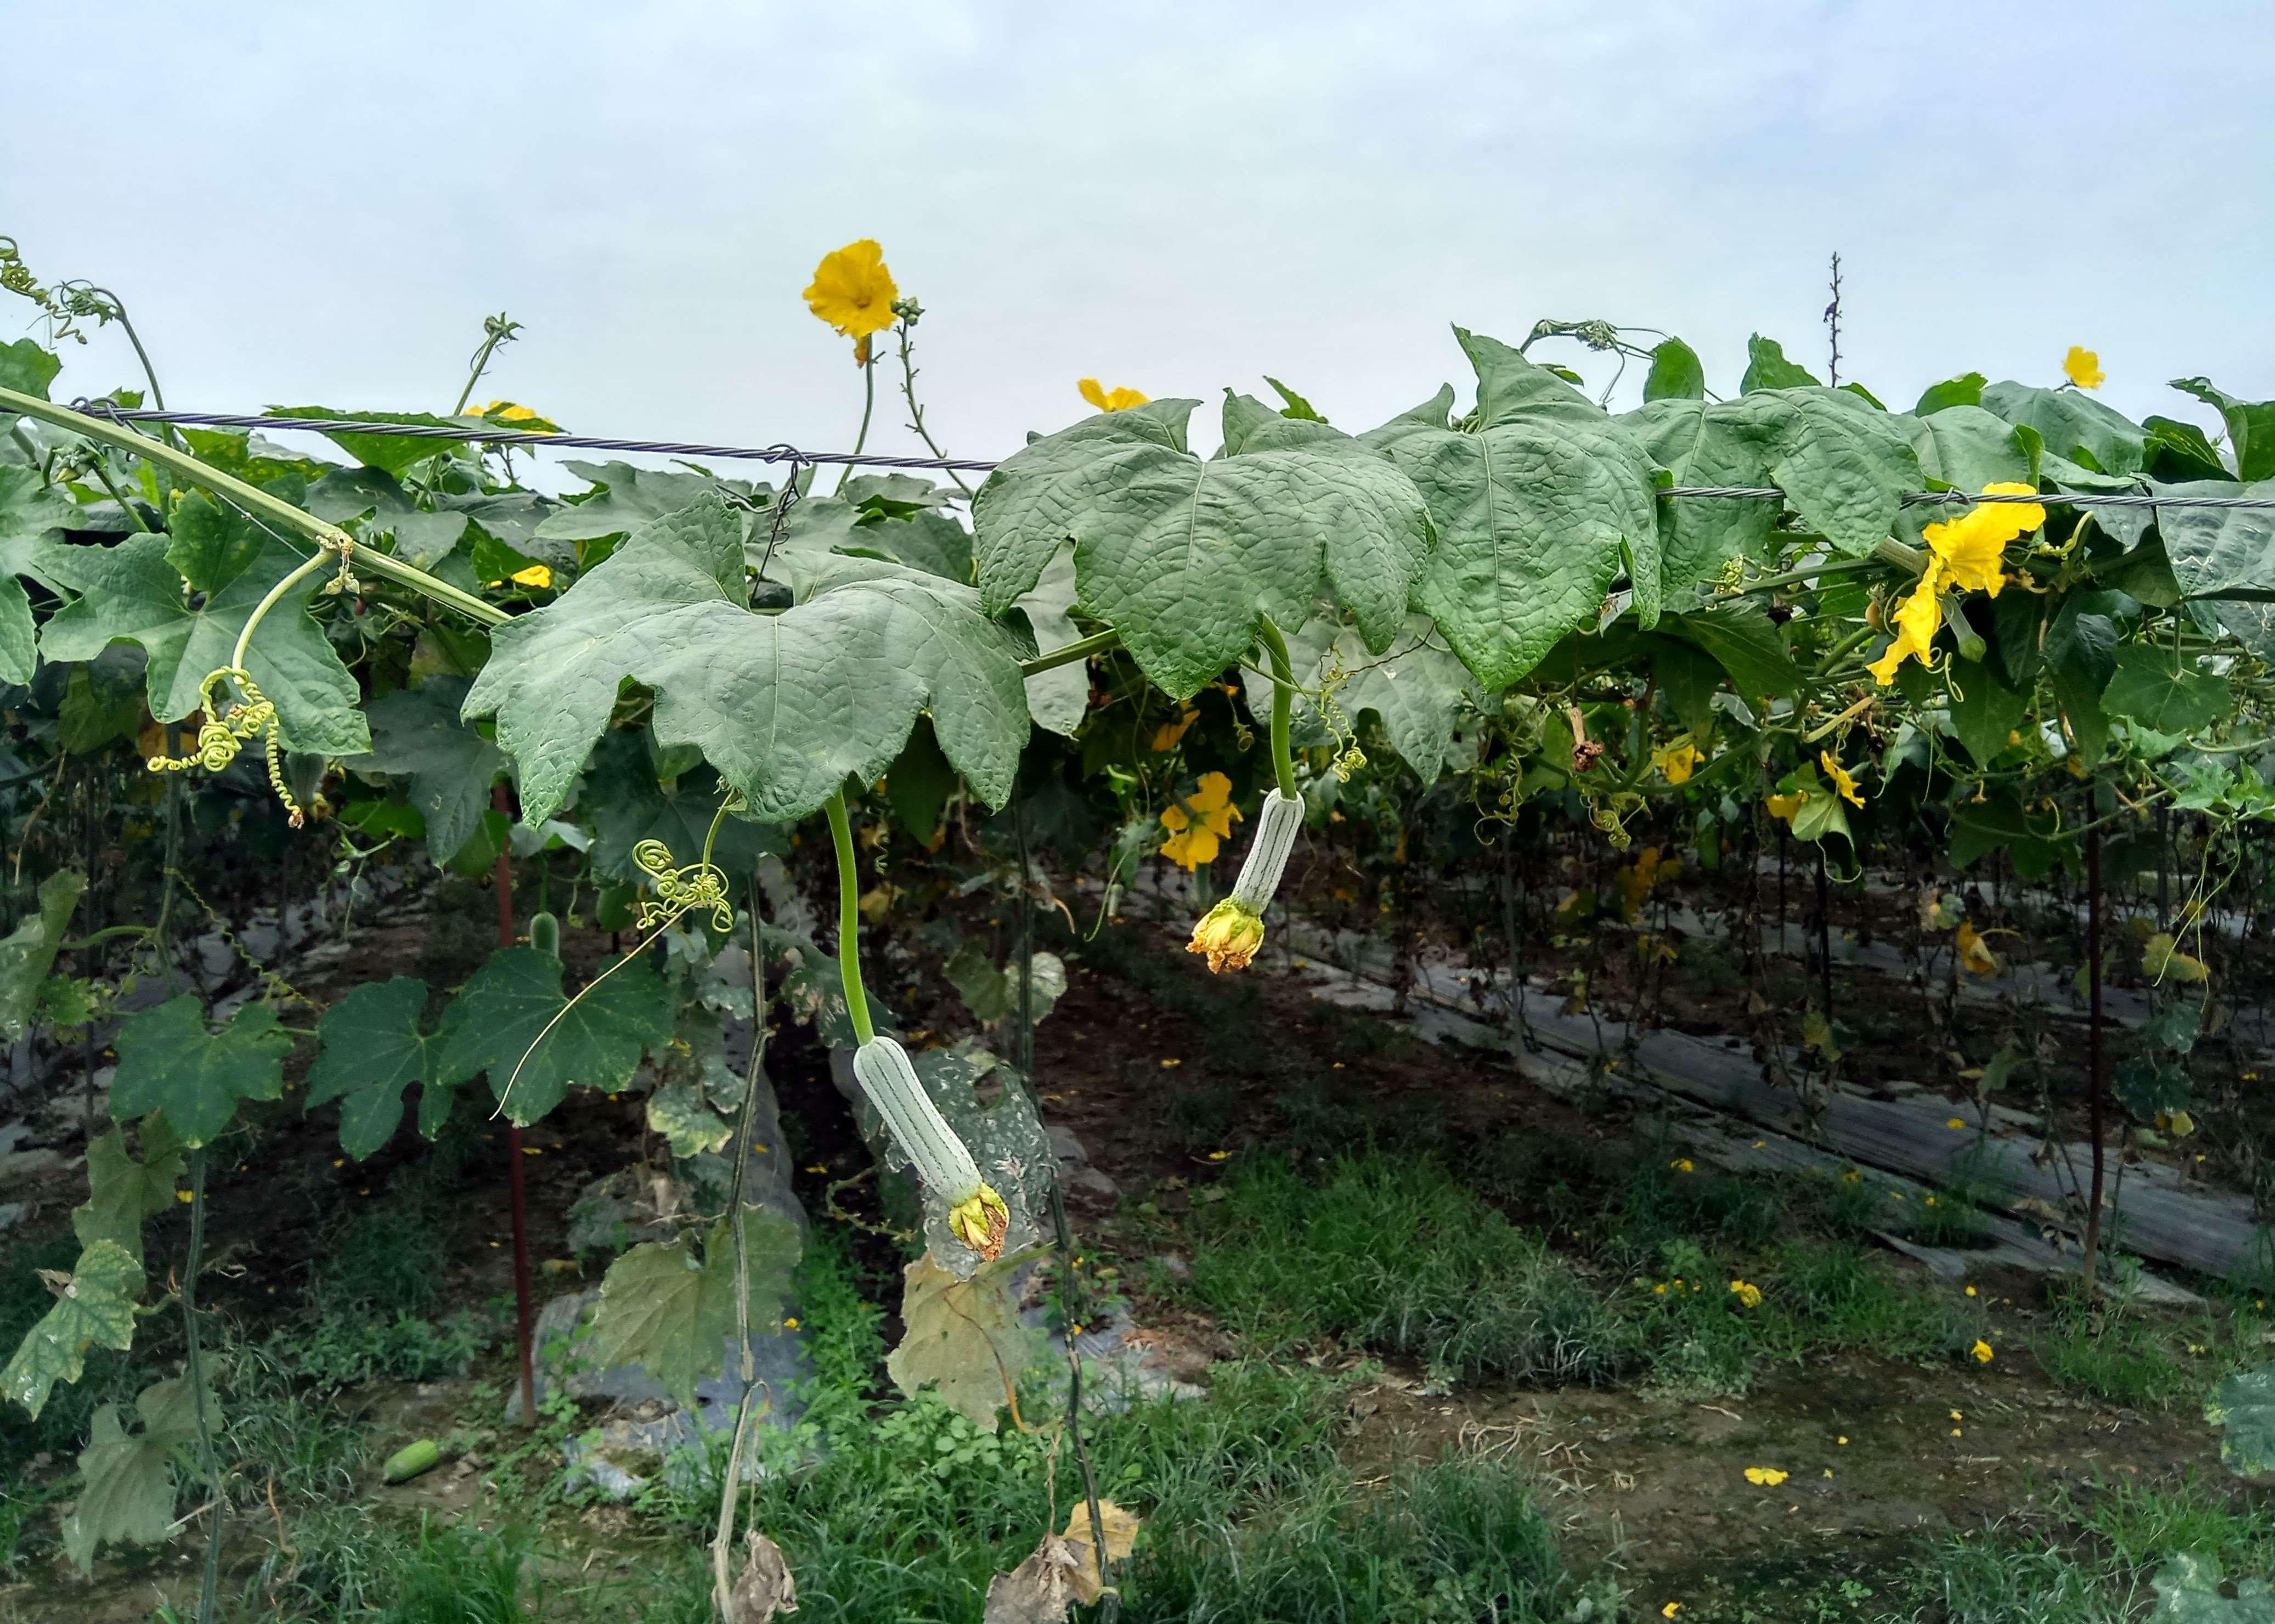 絲瓜初期開花結果照片